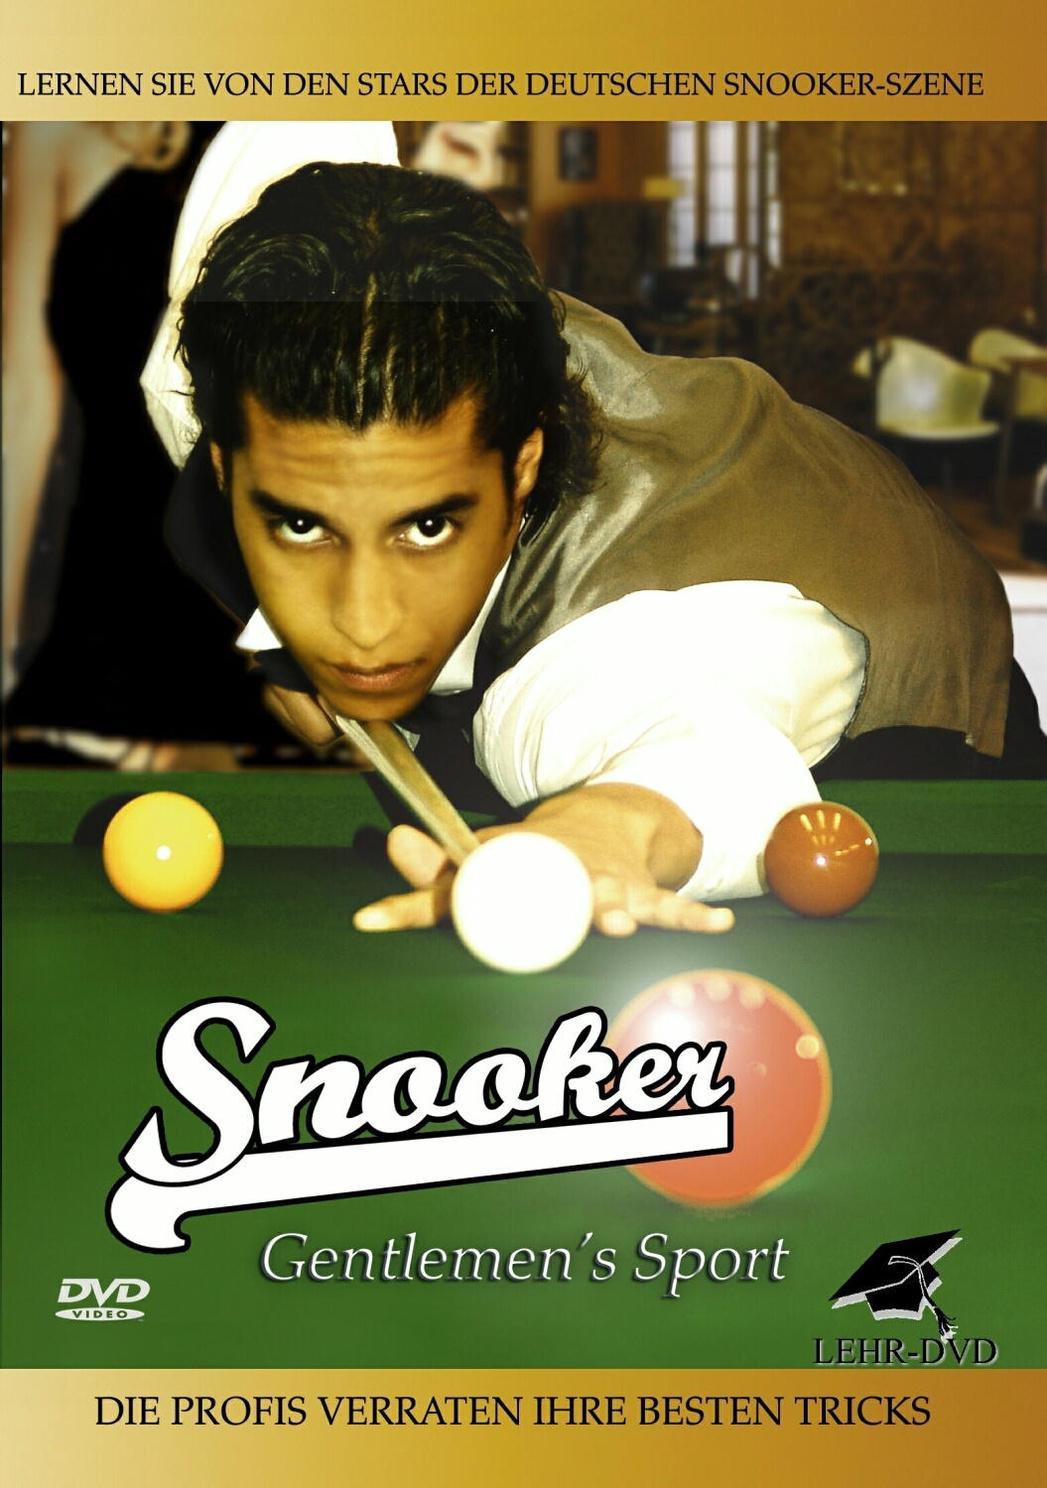 Snooker - Gentlemen´s Sport